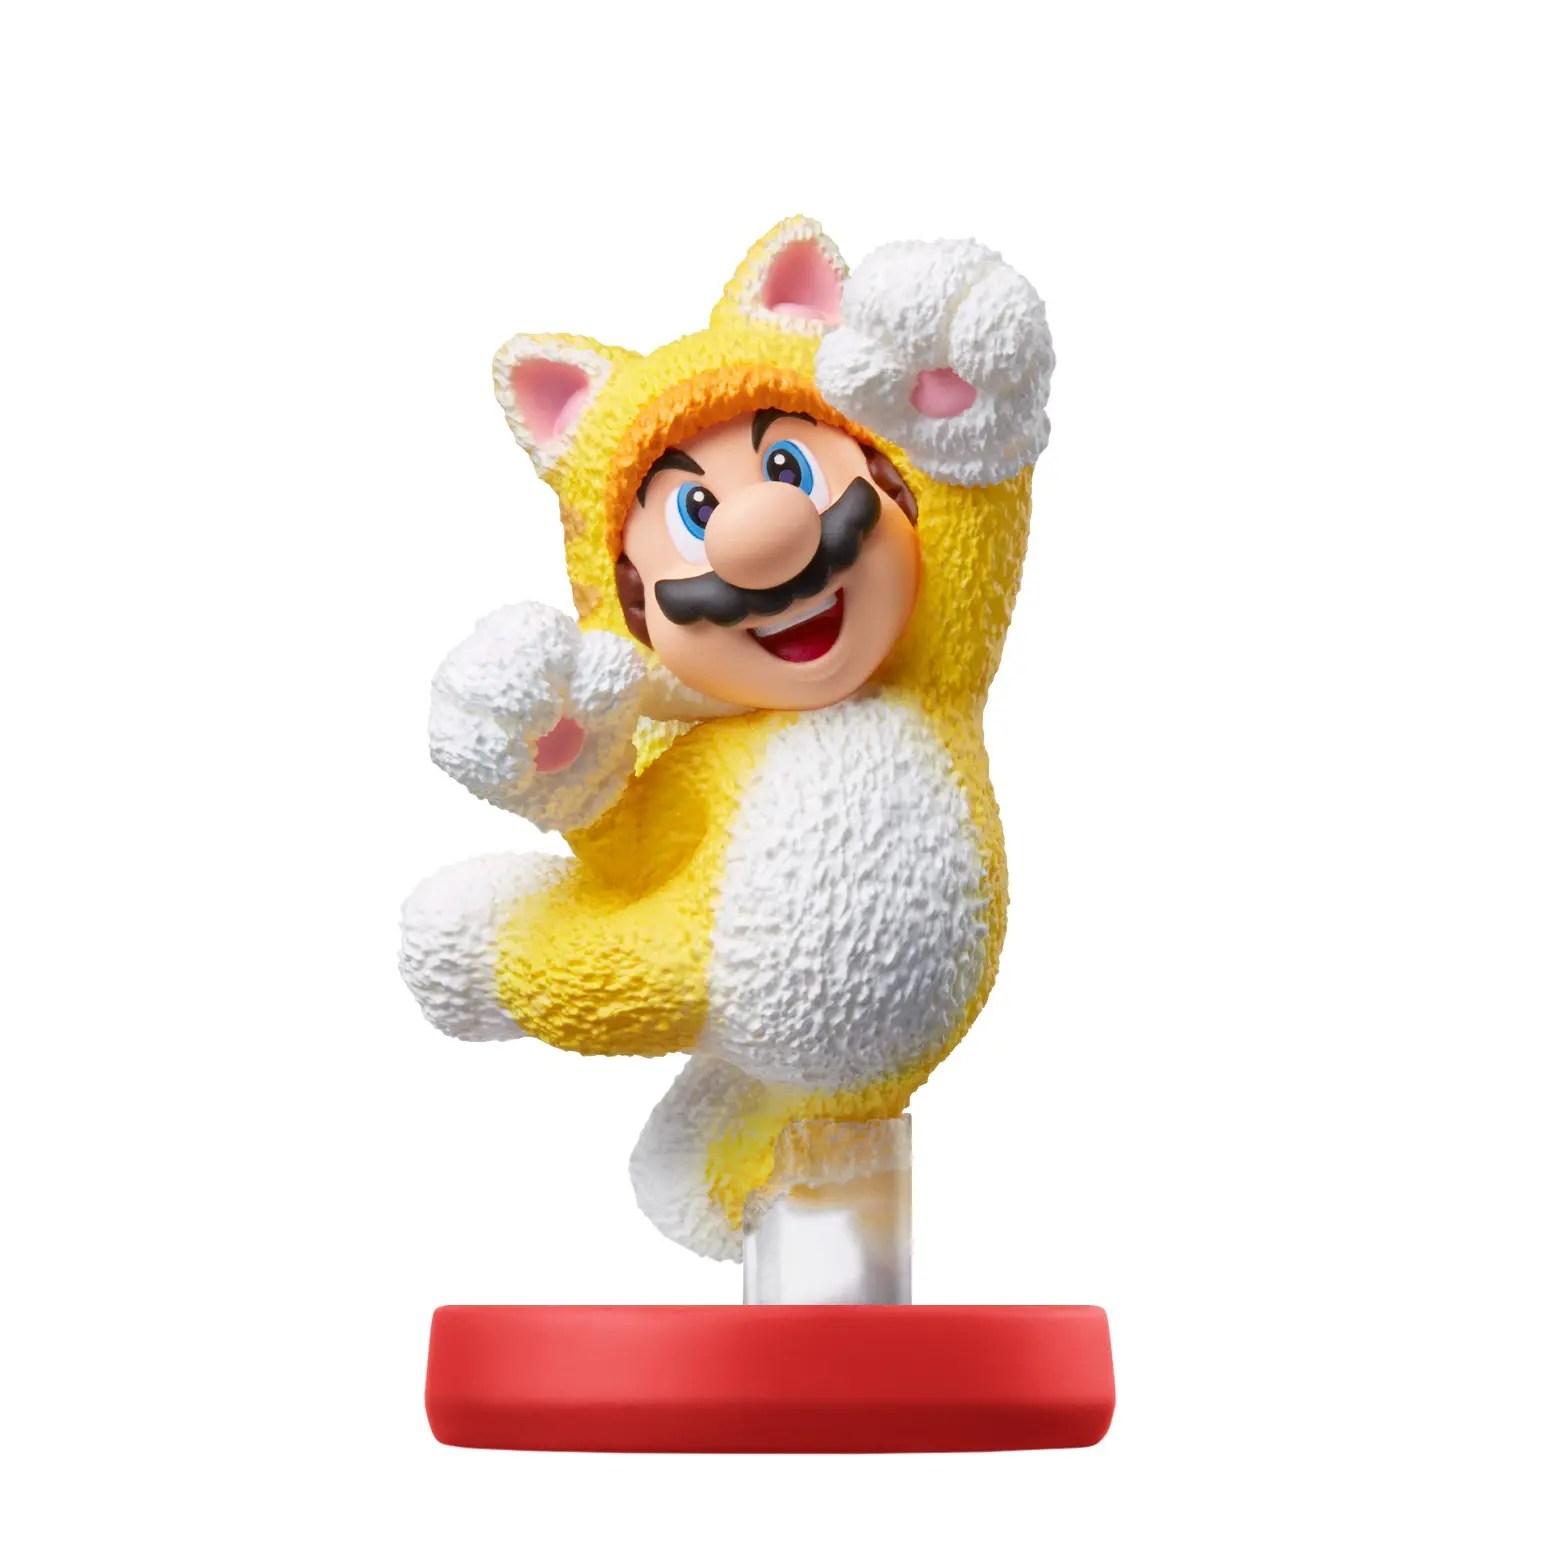 Cat Mario amiibo Photo